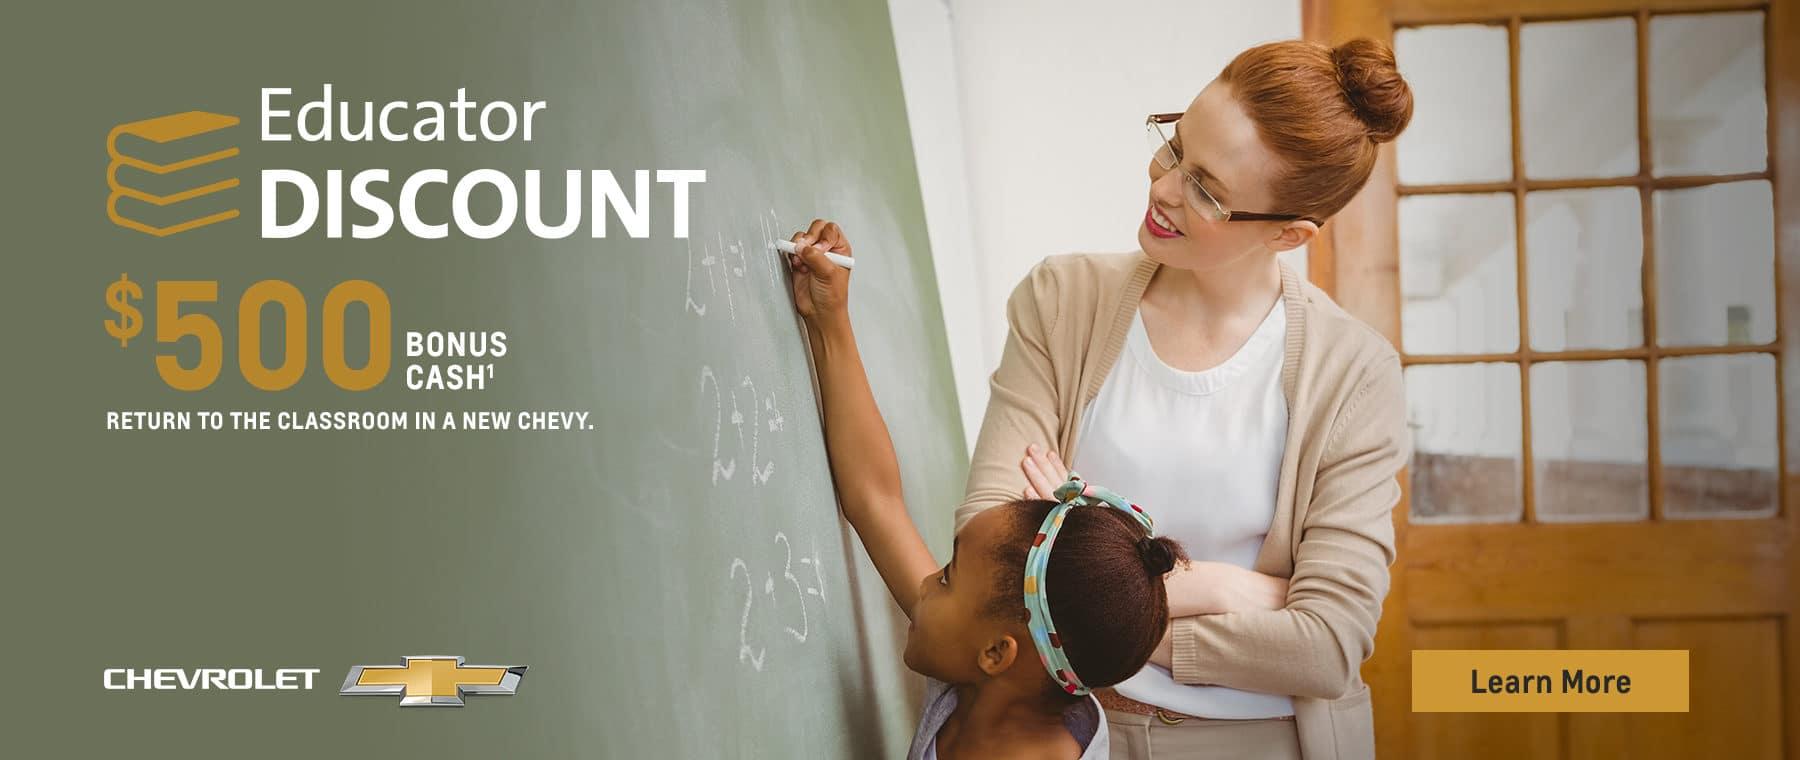 $500 Educator Discount